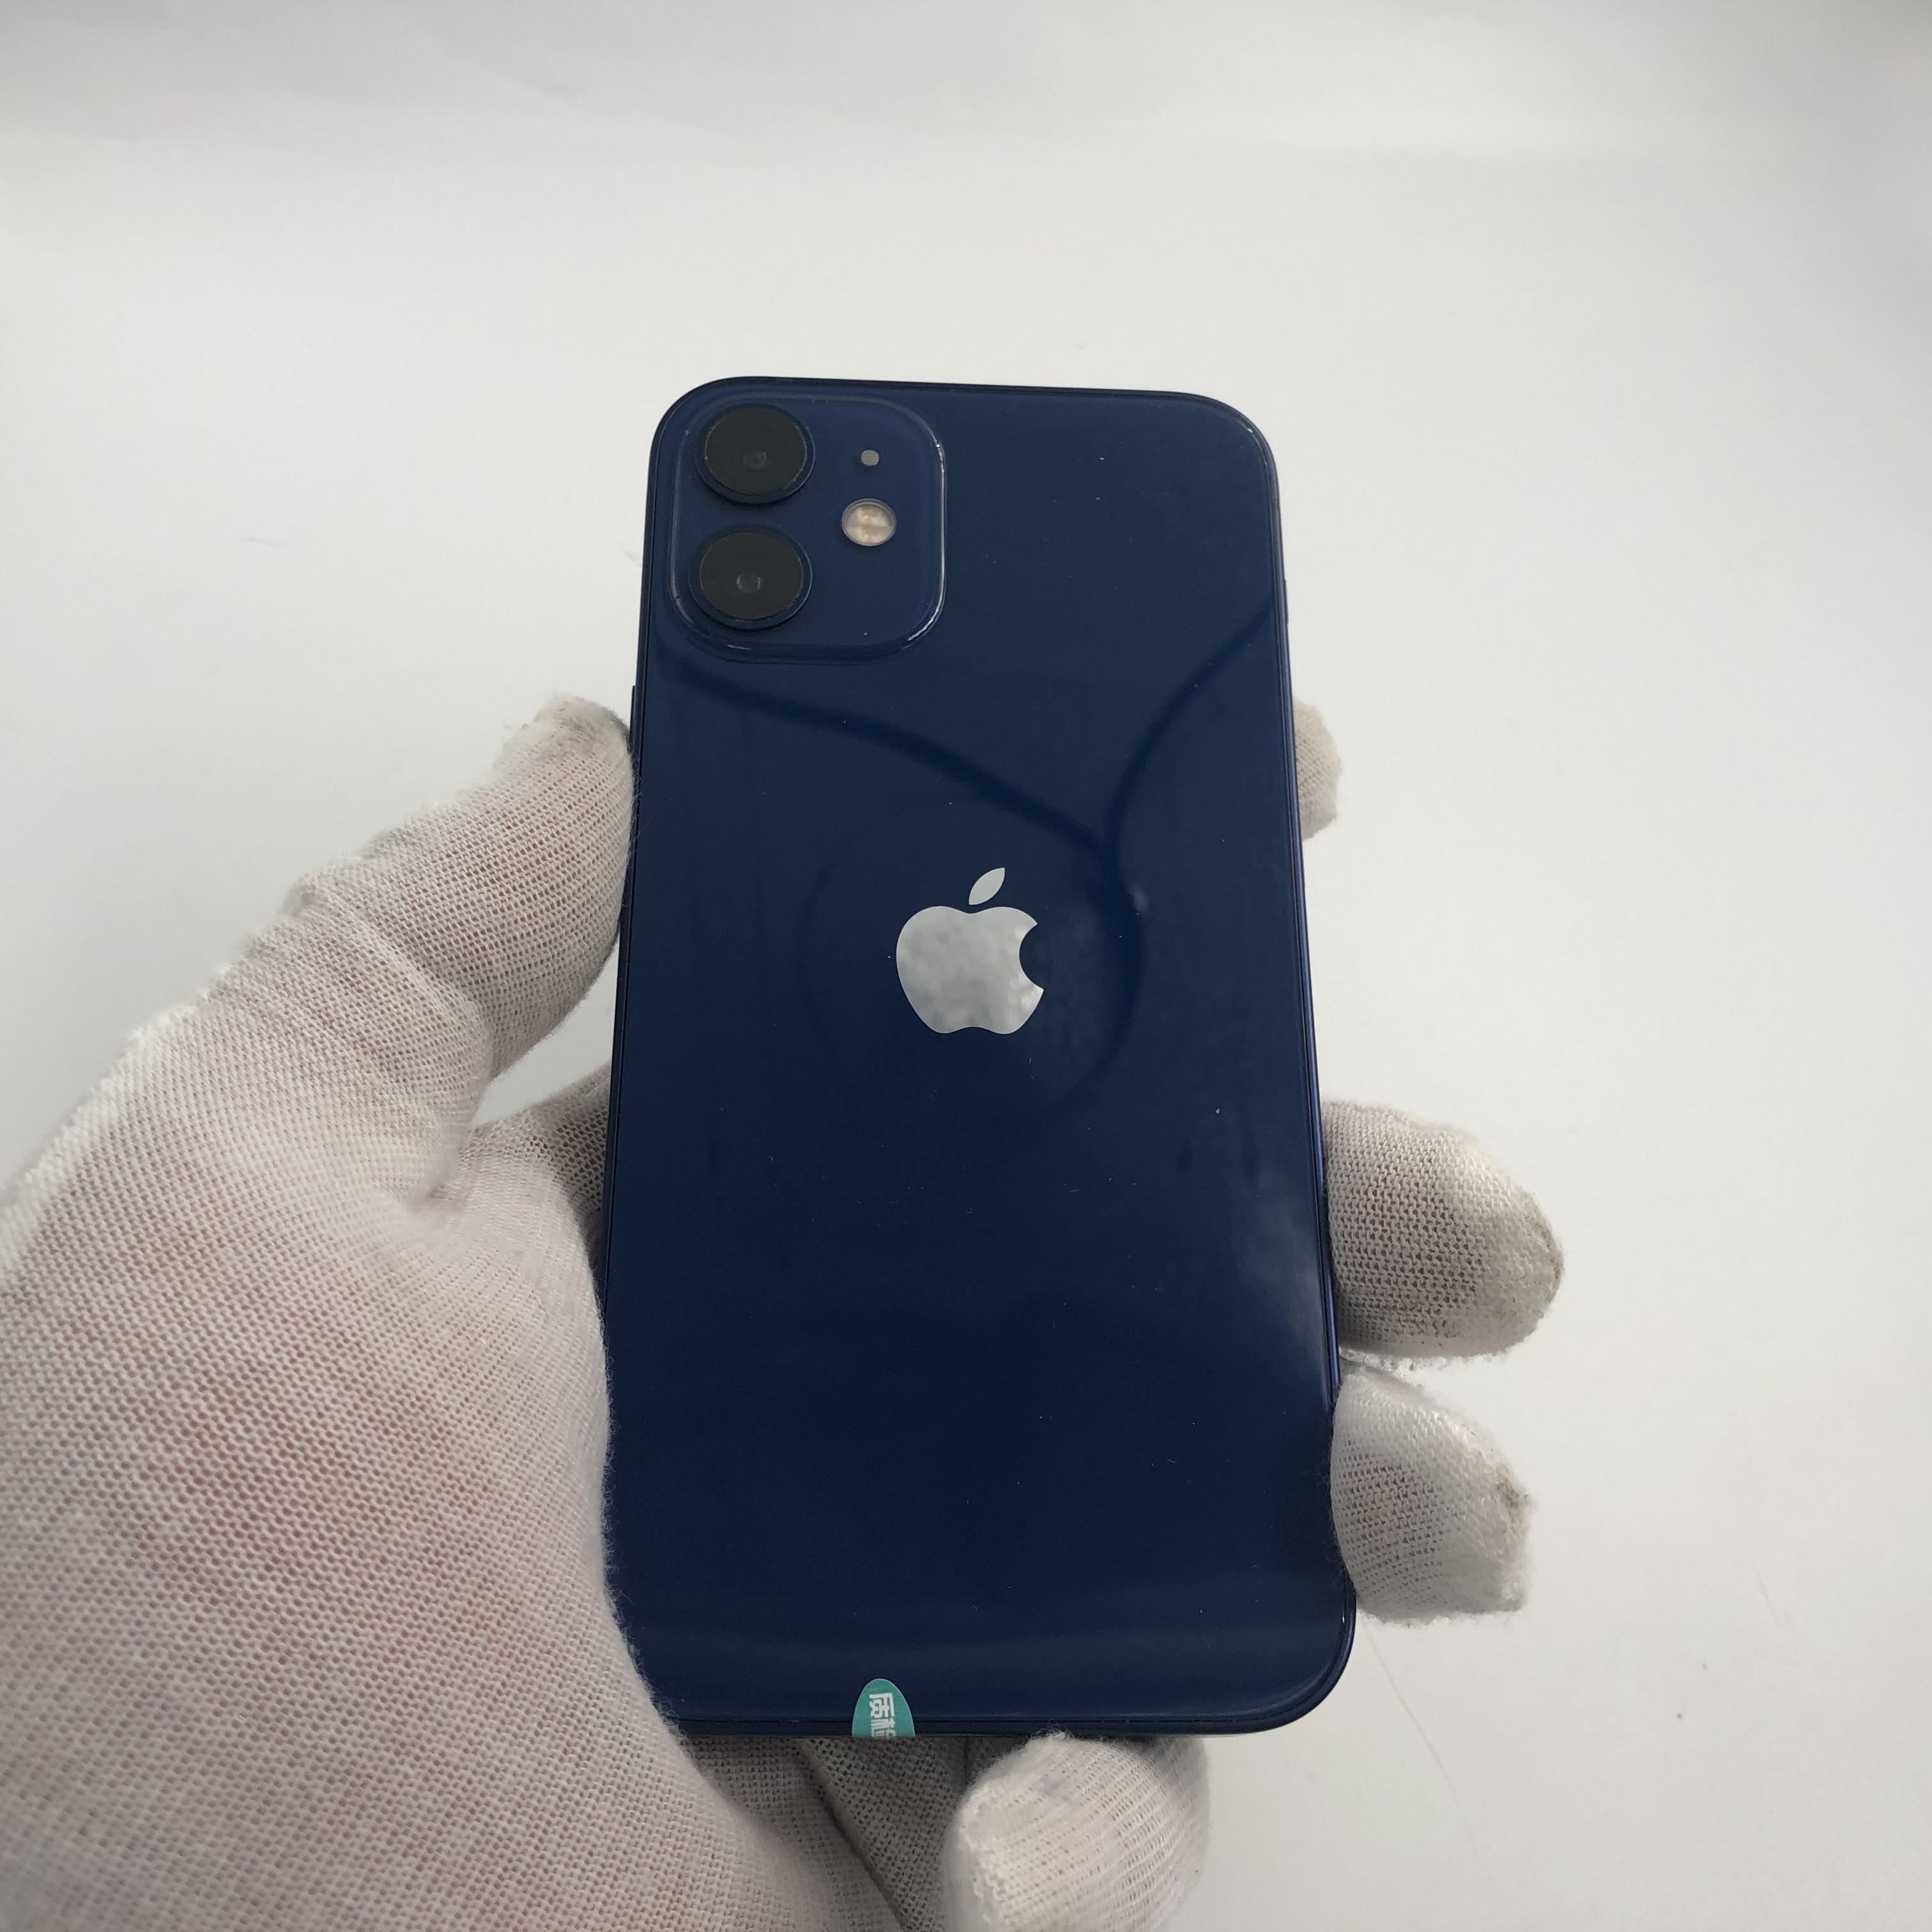 苹果【iPhone 12 mini】5G全网通 蓝色 256G 国行 8成新